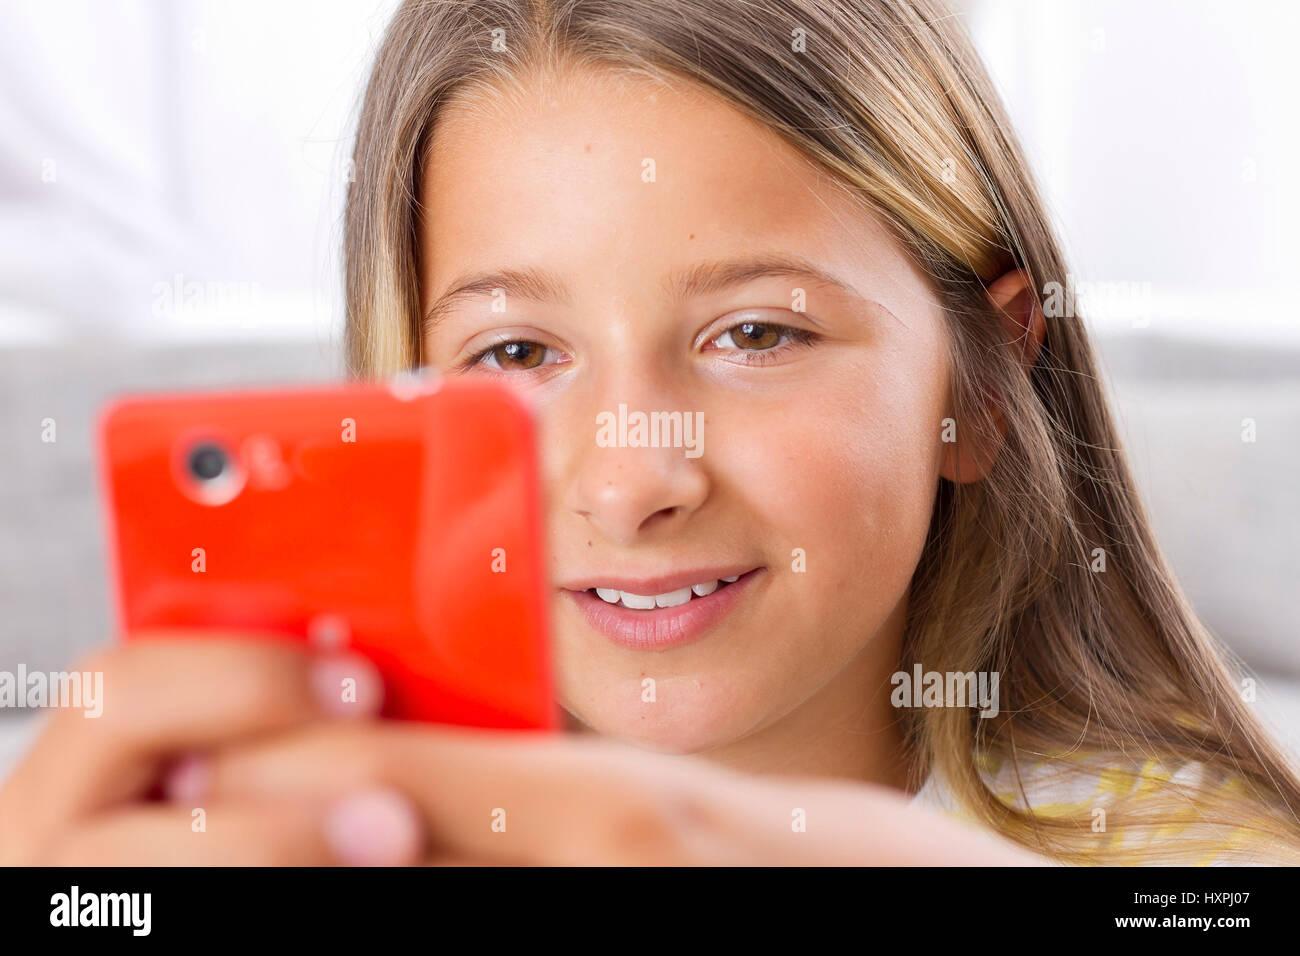 Joven con el smartphone, Smartphone mit Jugendliche gmbh Foto de stock